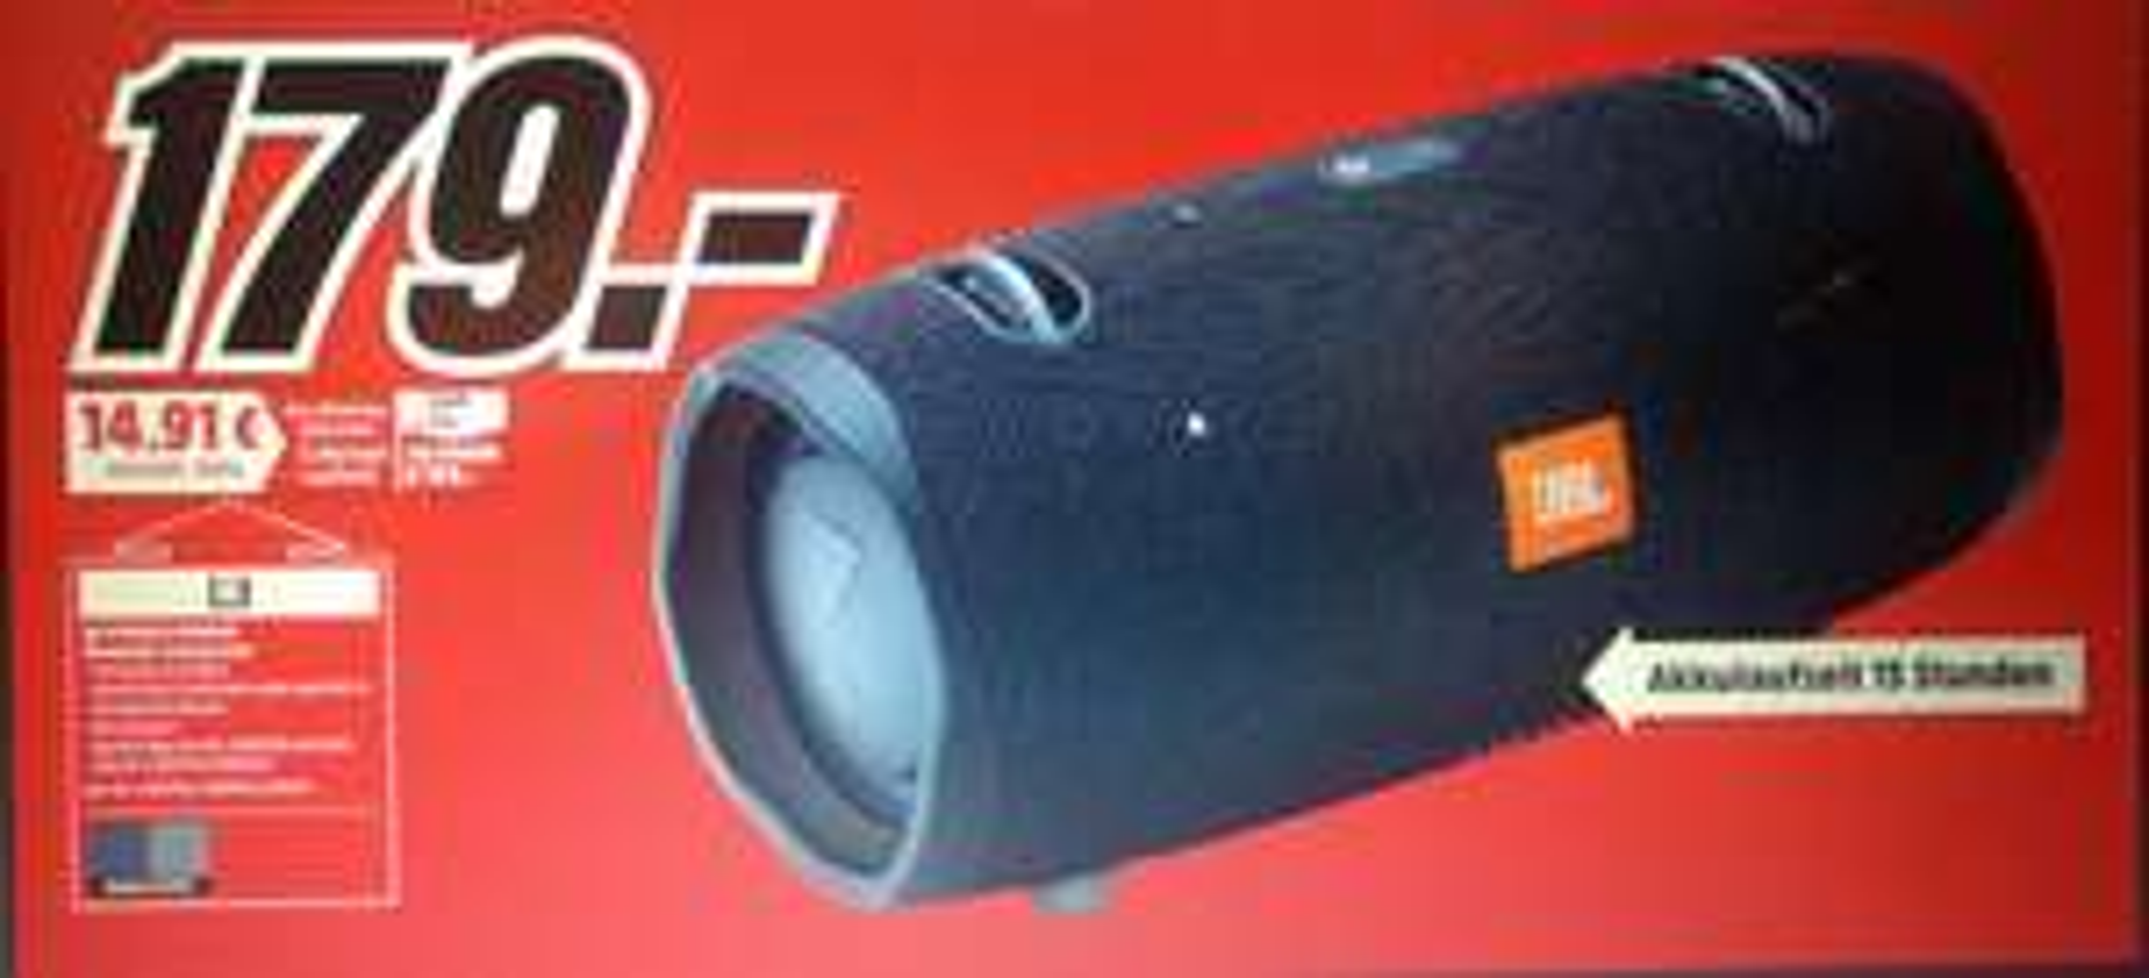 JBL Xtreme 2Midnight Black für 179€ & Sonos Play 1 für 139€ [Lokal Mediamarkt Weilheim]